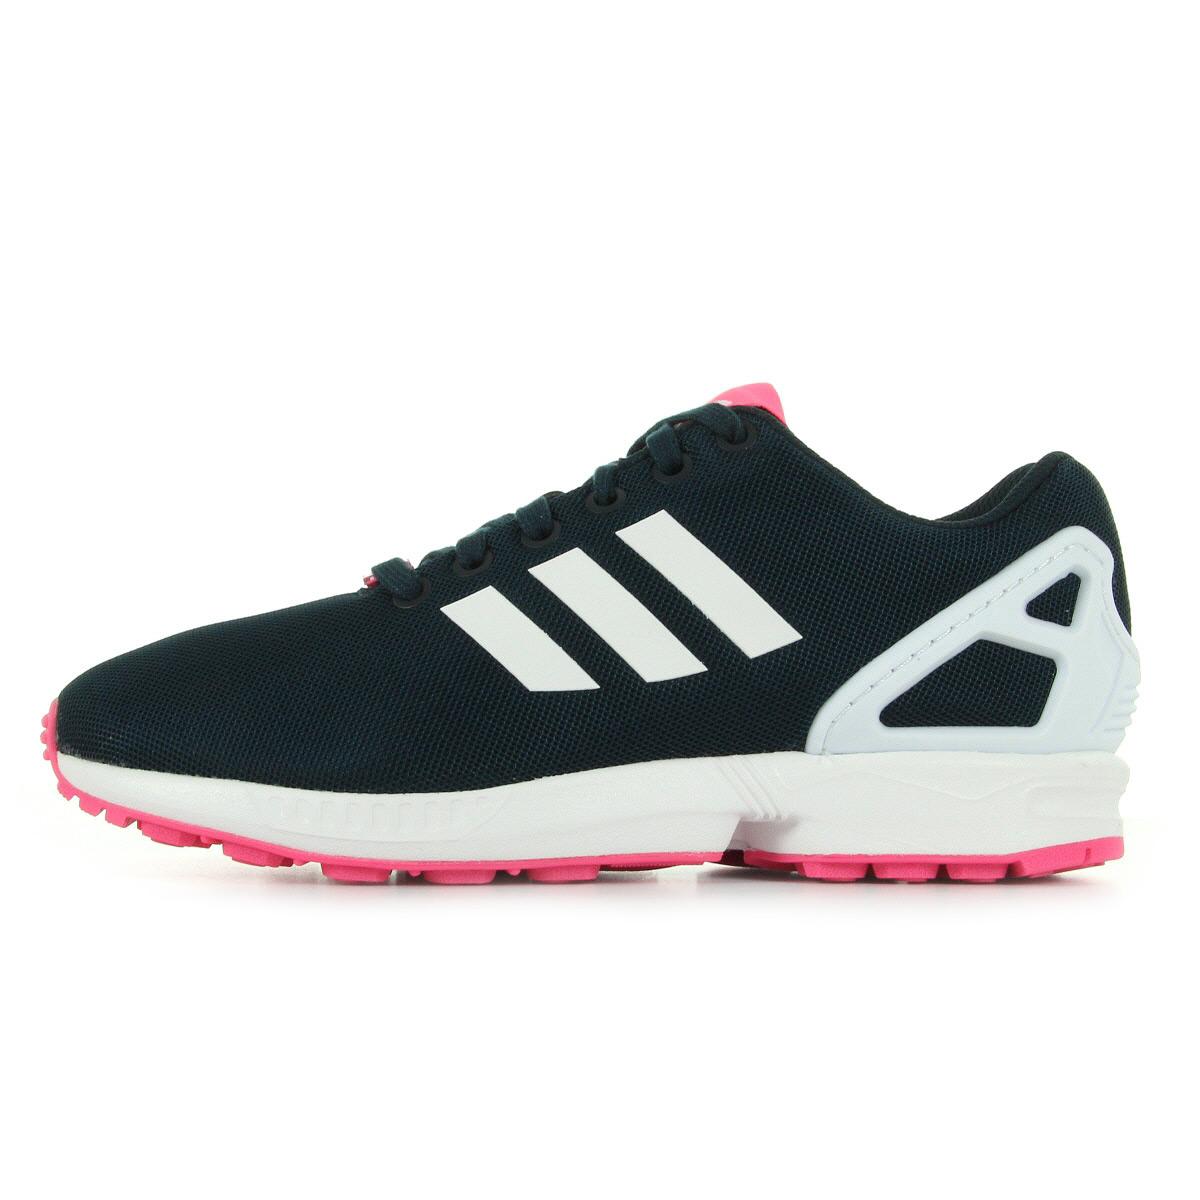 adidas zx flux rose foncer